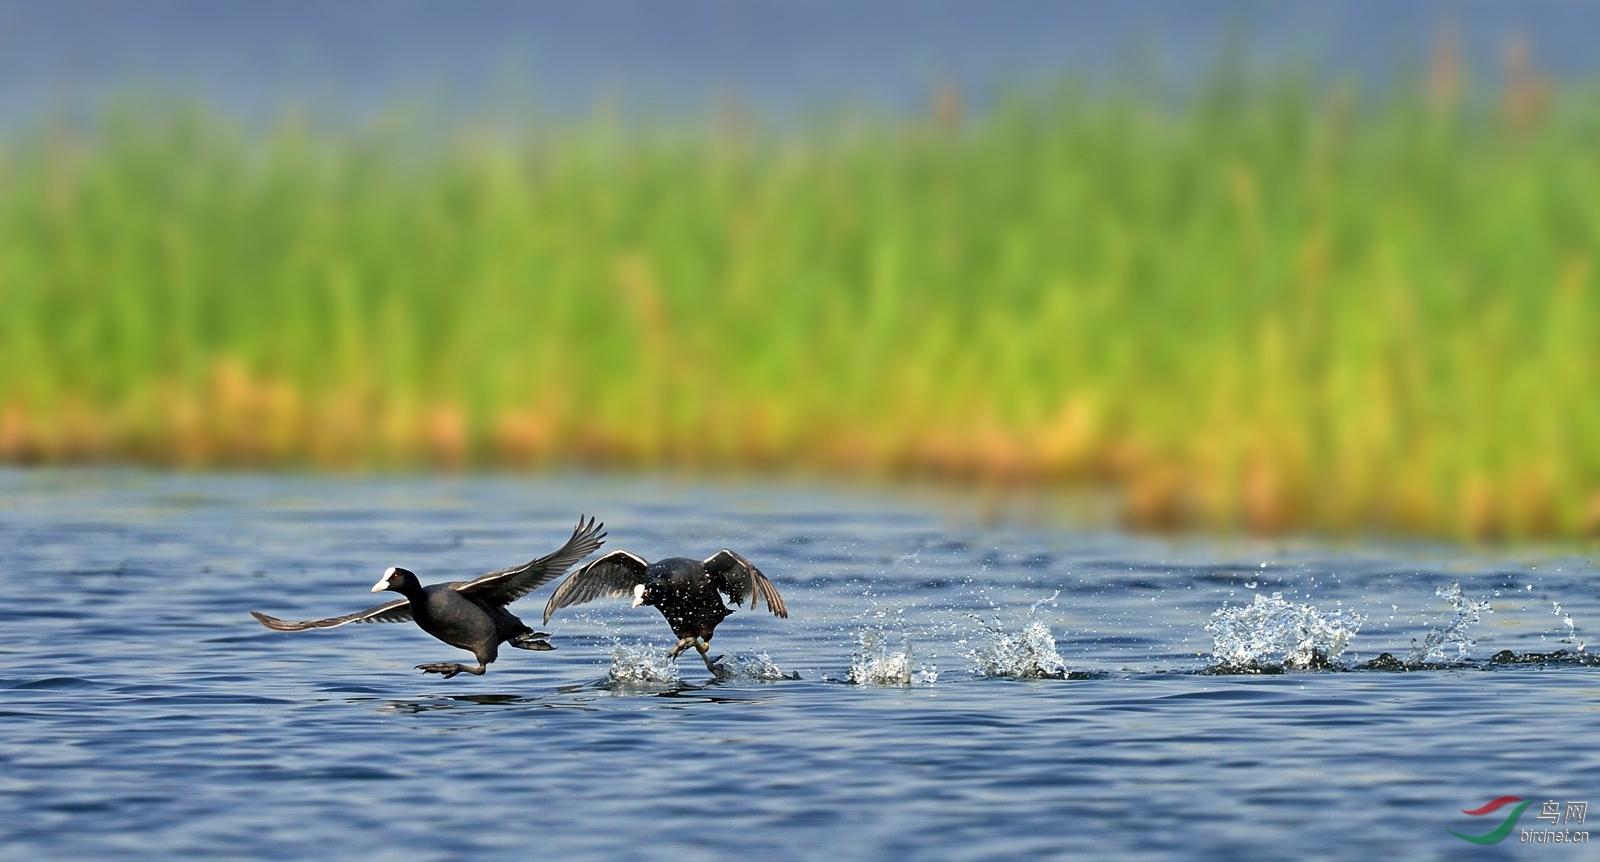 小鸭子水上漂